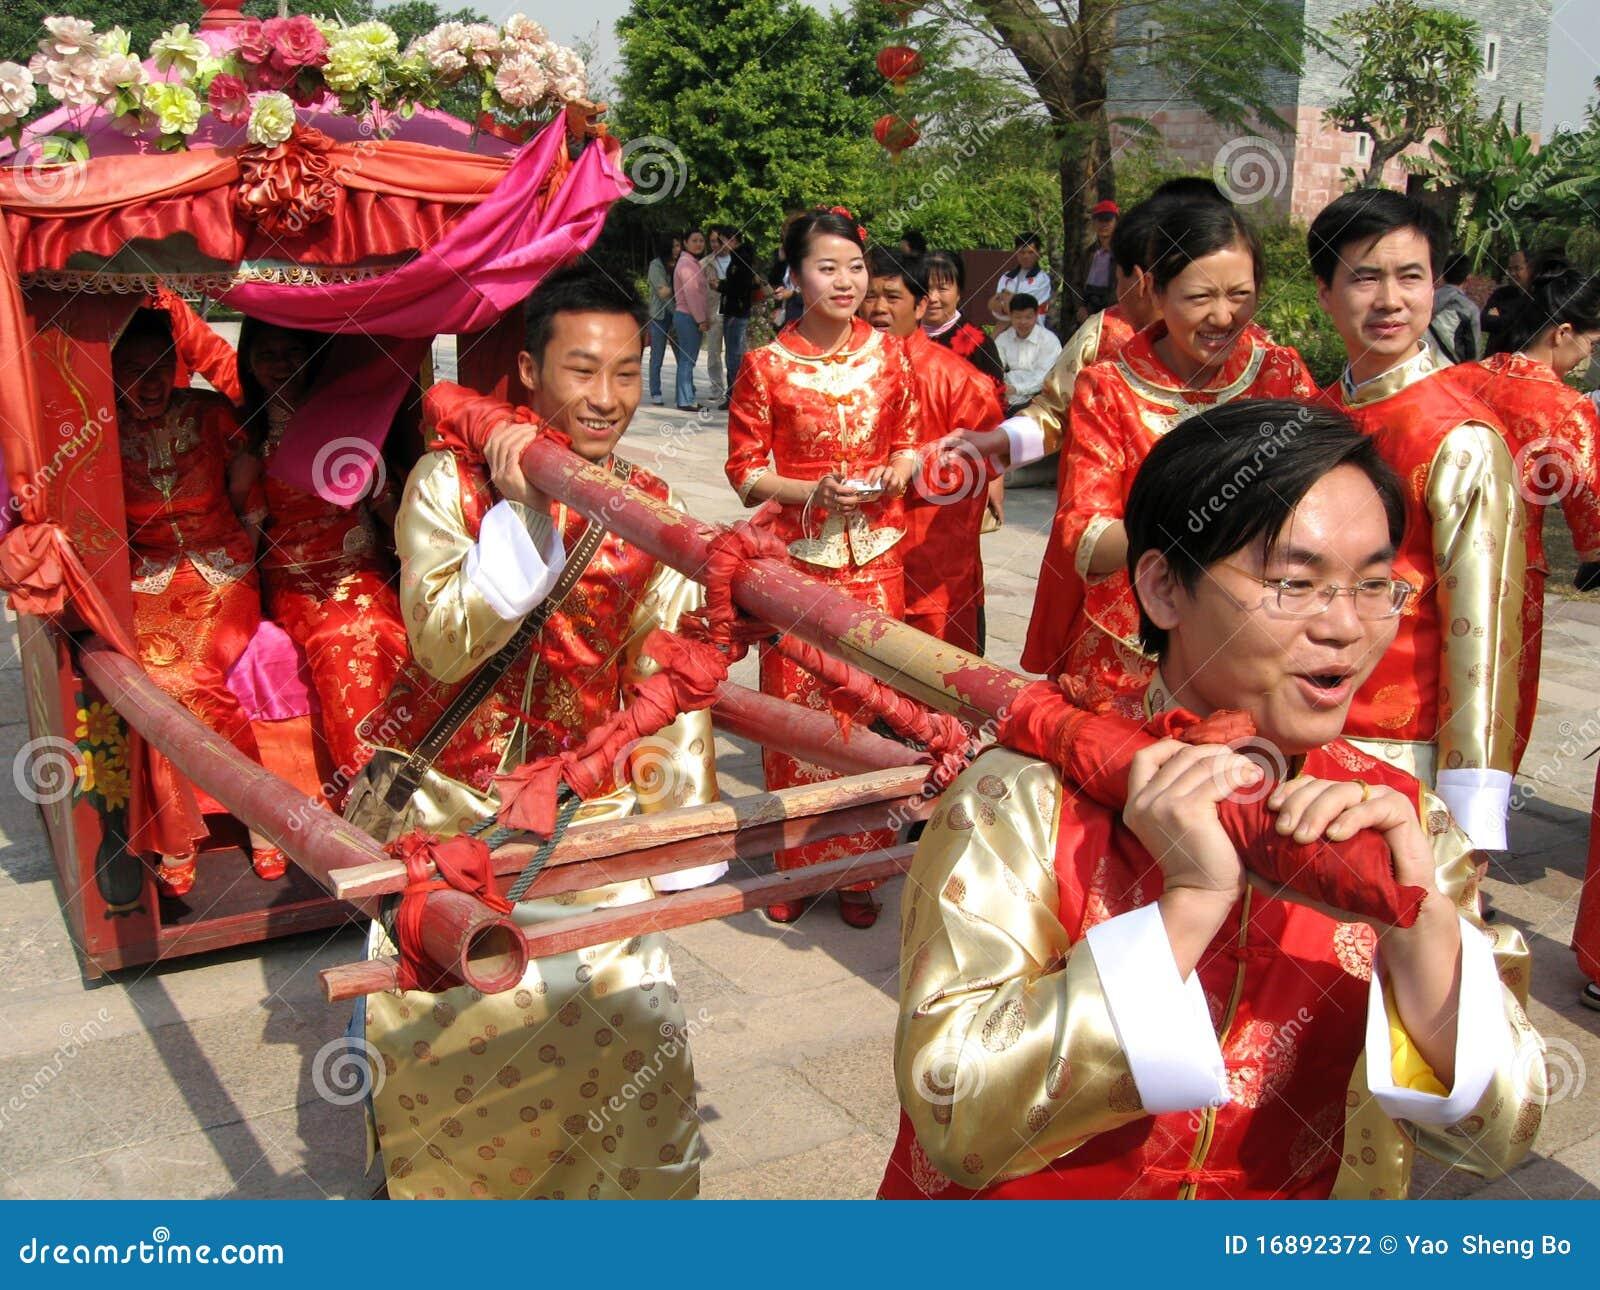 Traditional Chinese wedding celebration